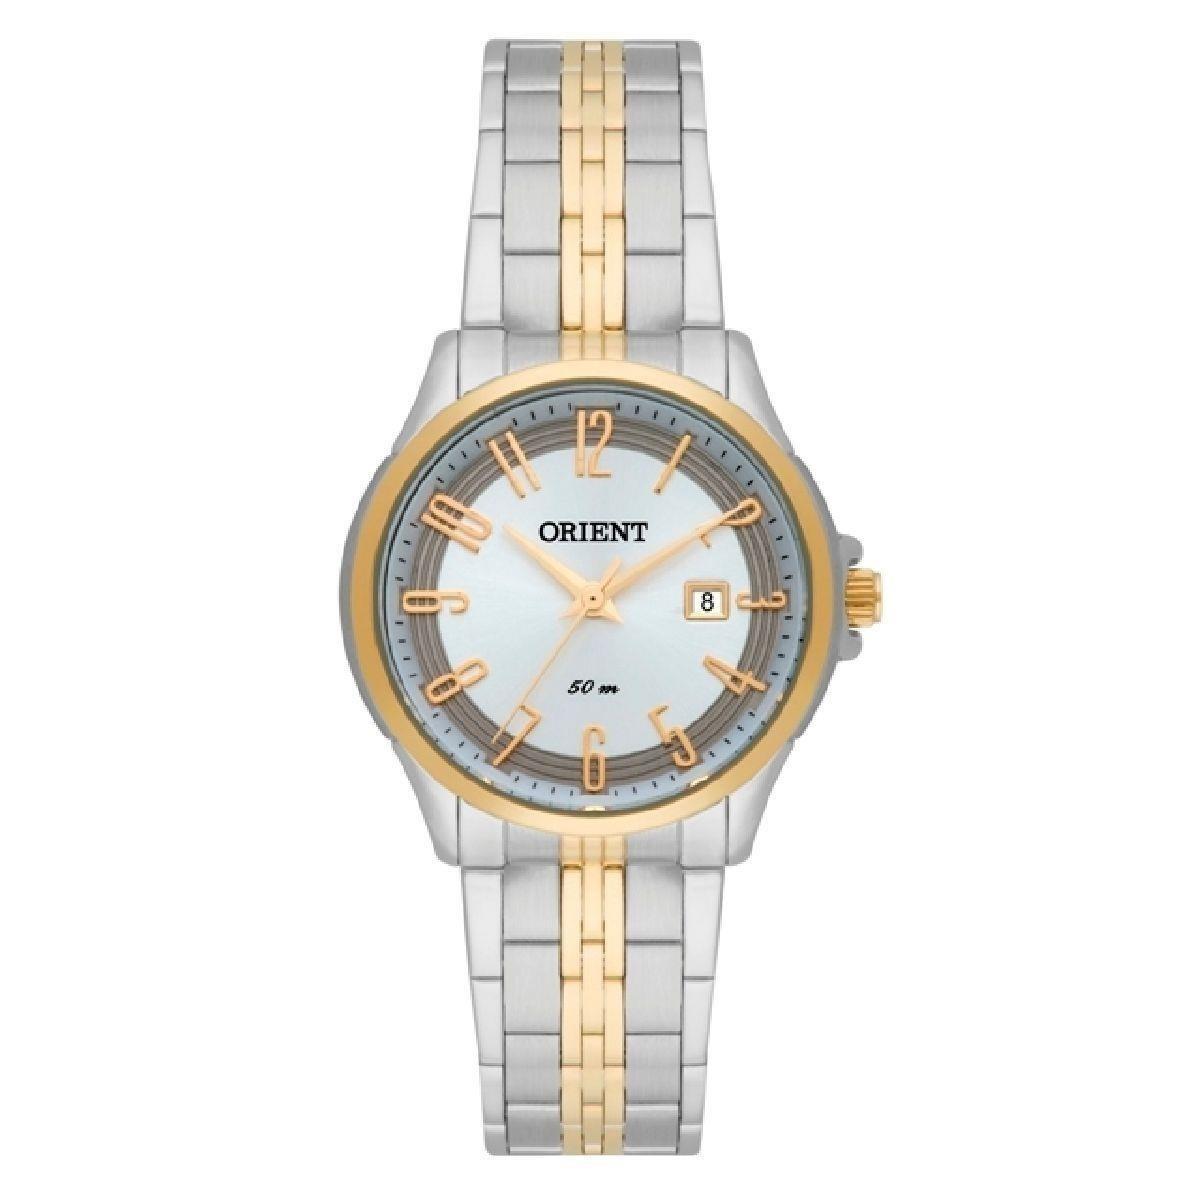 e4b8c360faf relógio orient feminino prata e dourado c nf ftss1091 s2sk. Carregando zoom.